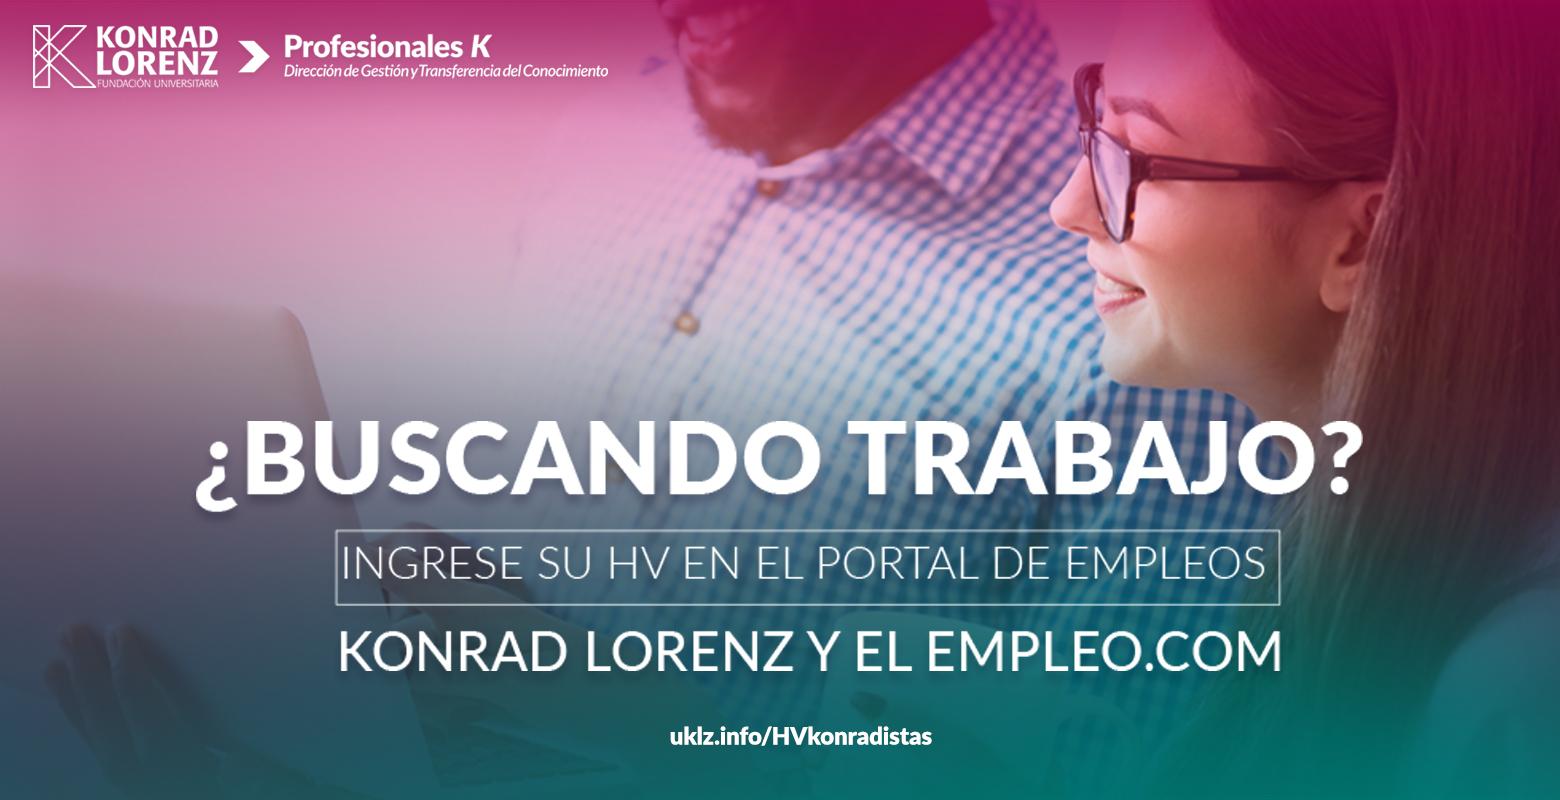 ¿Buscando trabajo? Ingrese su HV en el Portal de Empleos Konrad Lorenz y el empleo.com